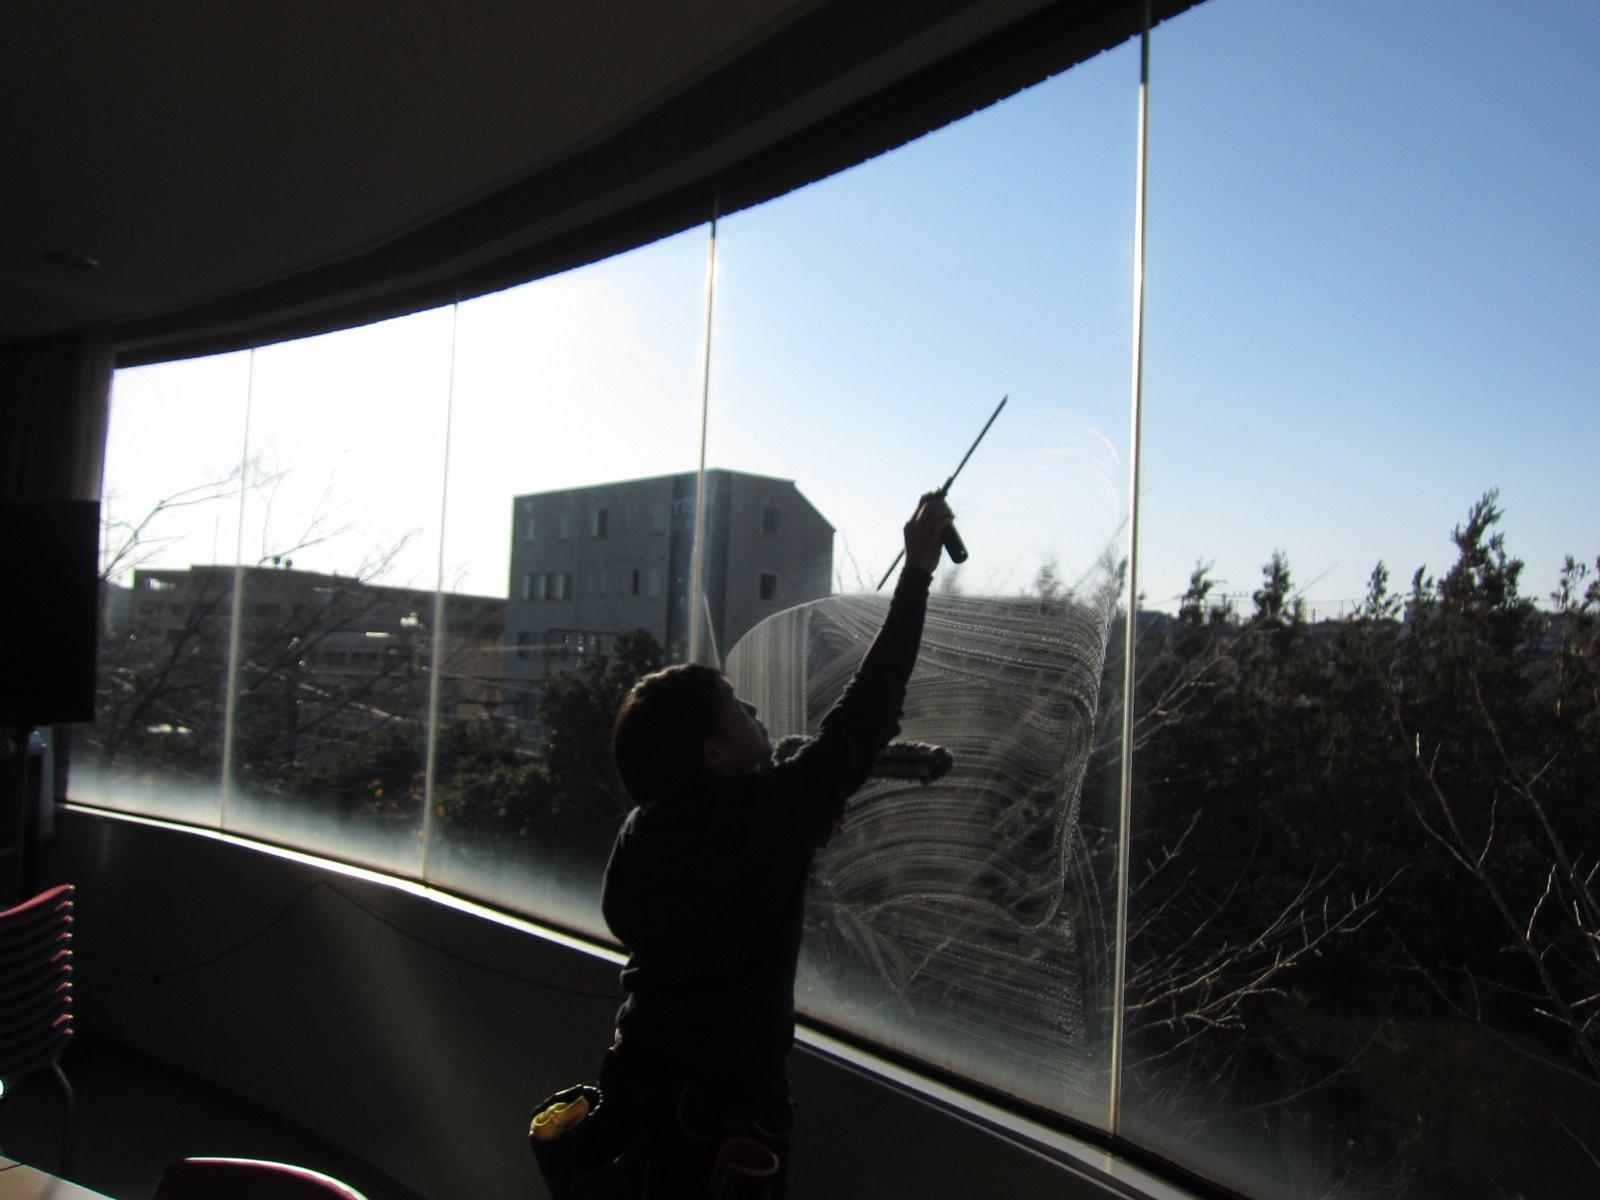 横浜市/施設      ◆ガラス清掃 画像